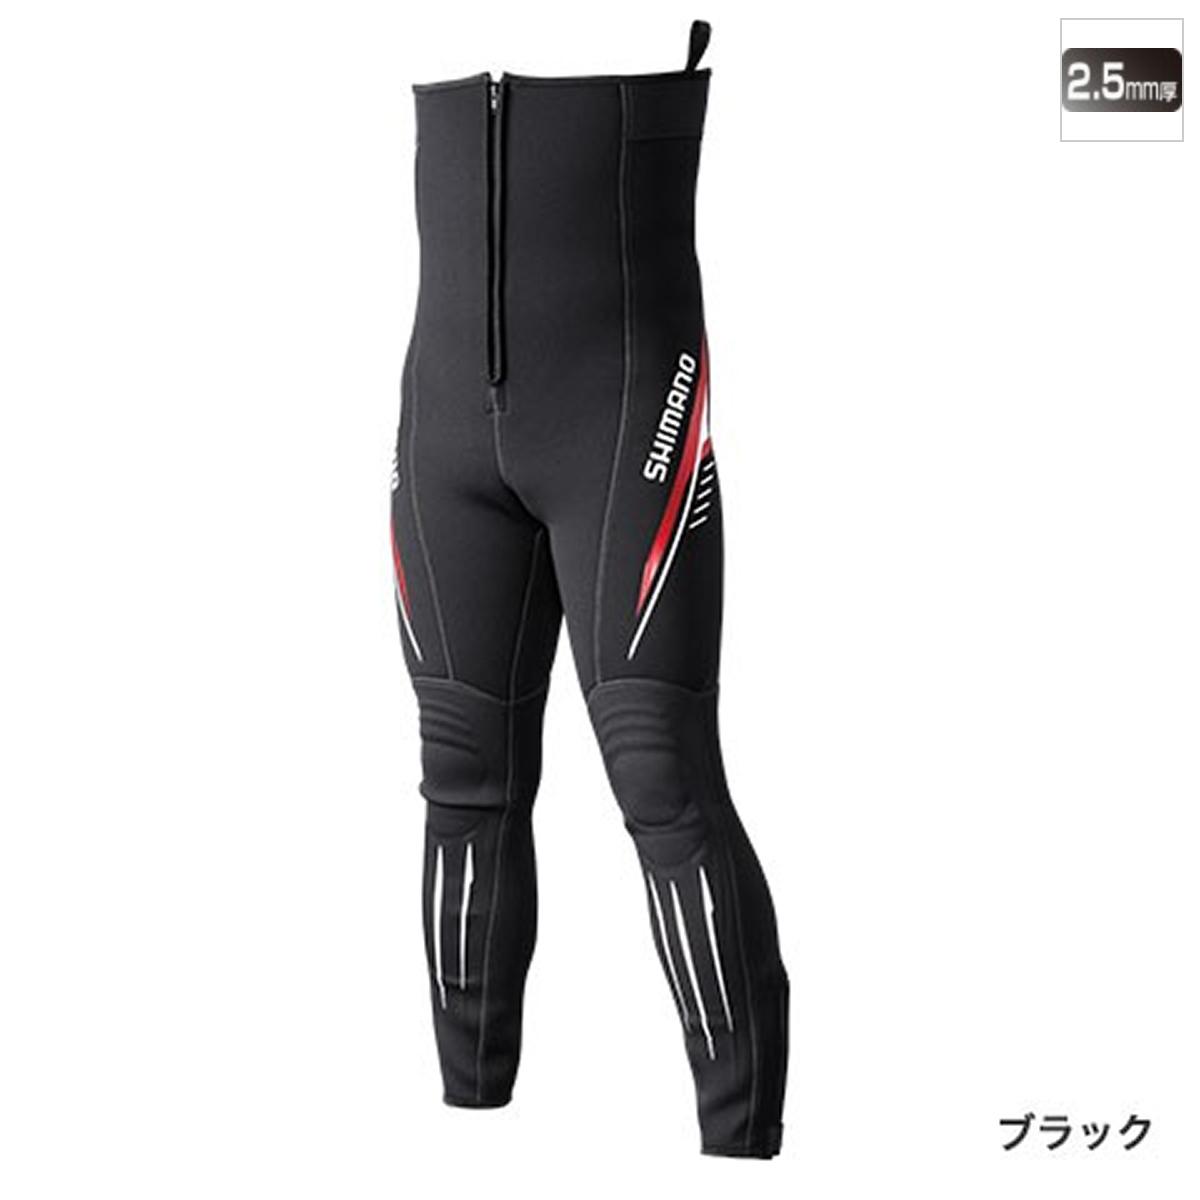 シマノ 鮎タイツT-2.5 TI-071Q LB ブラック